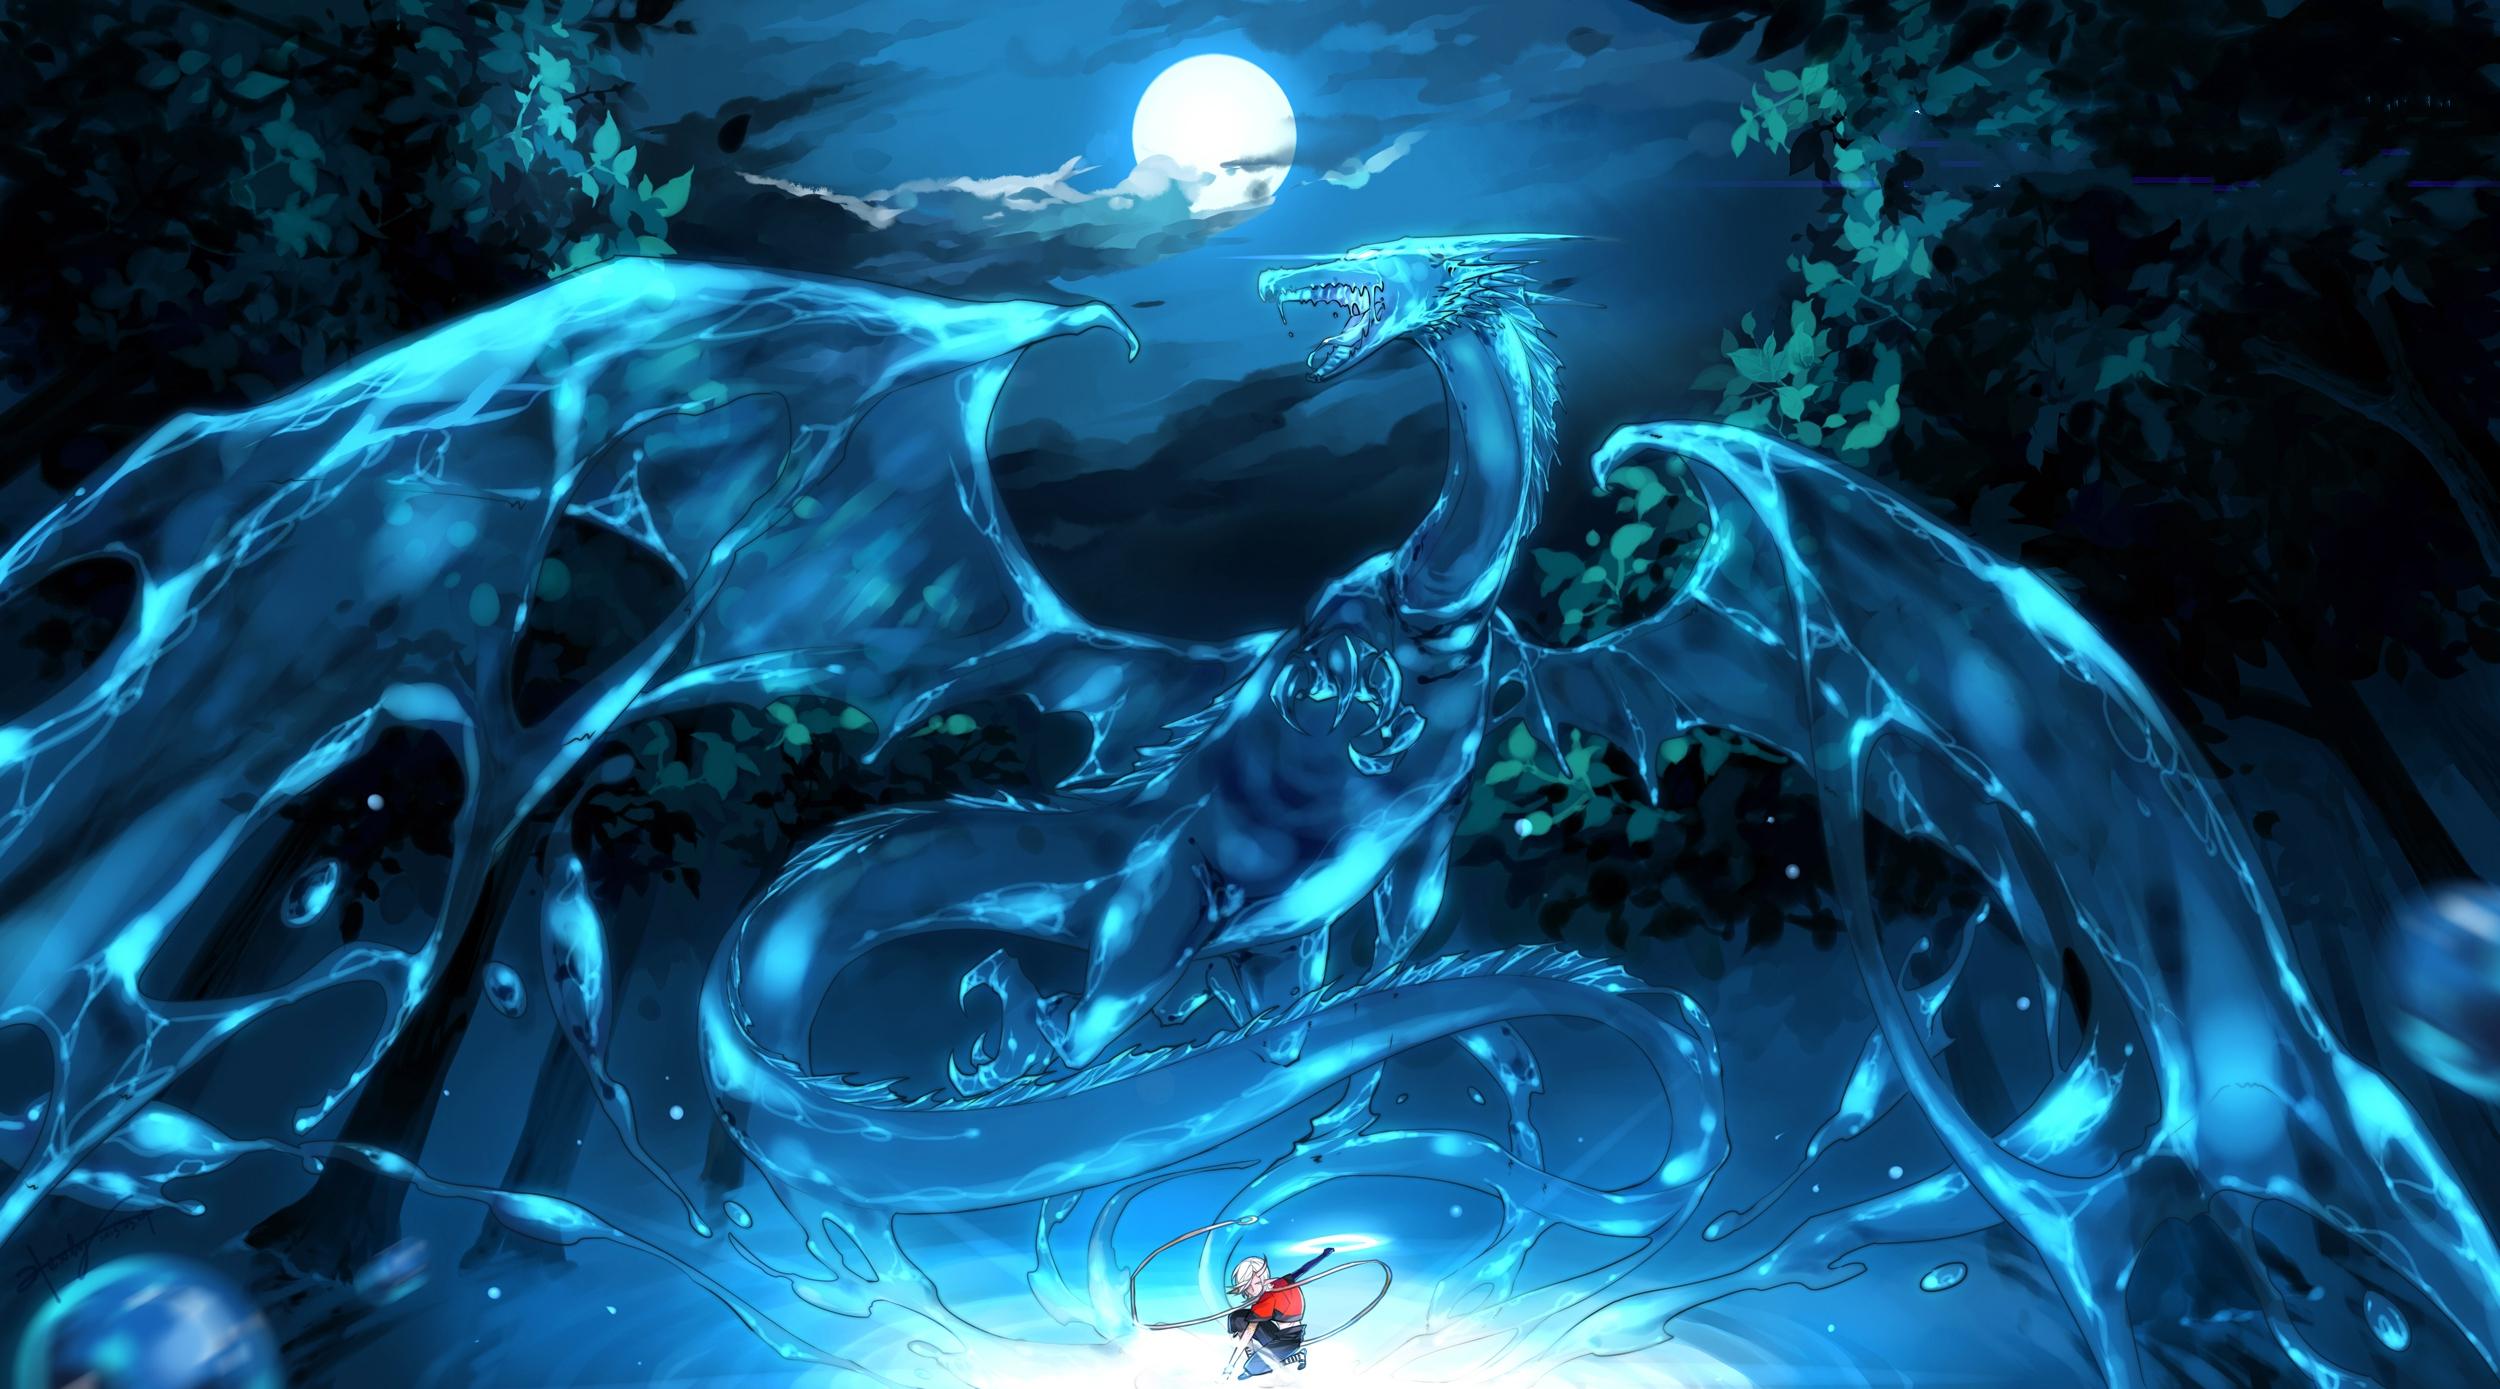 Anime Dragon Night Moon Summoner 2500x1389